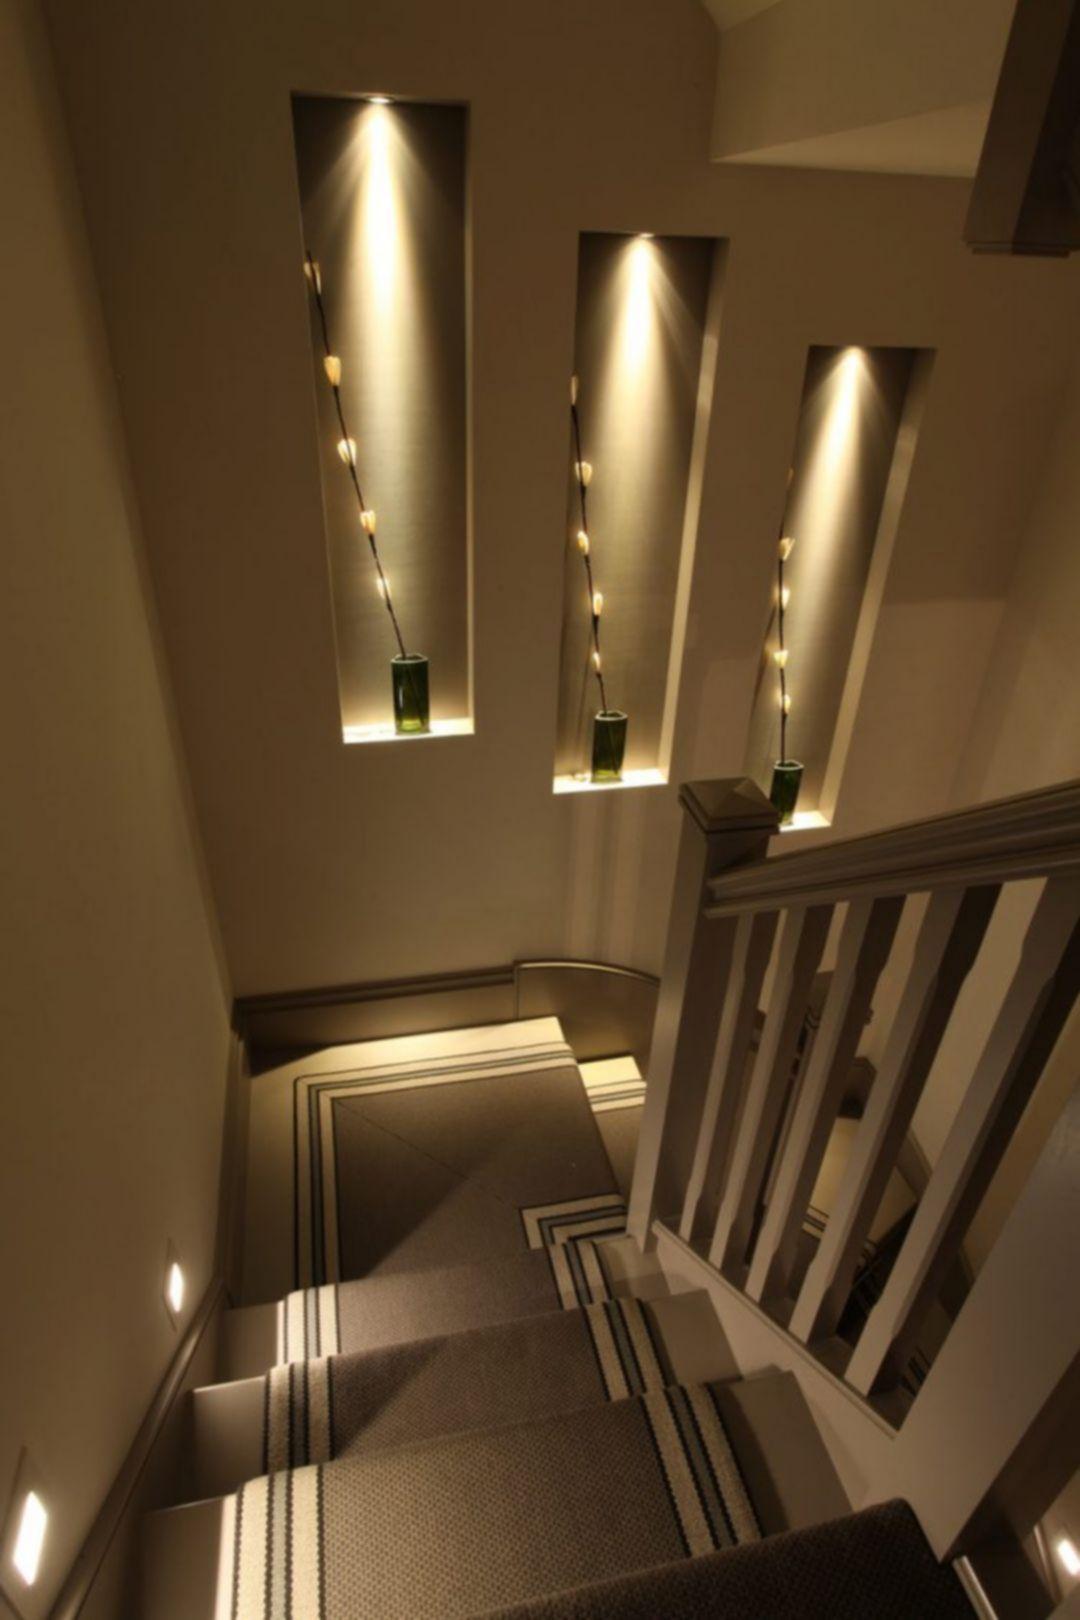 Home Decor 41 Antique Staircase Design Ideas For Home Staircase Lighting Ideas Stair Lighting Staircase Design